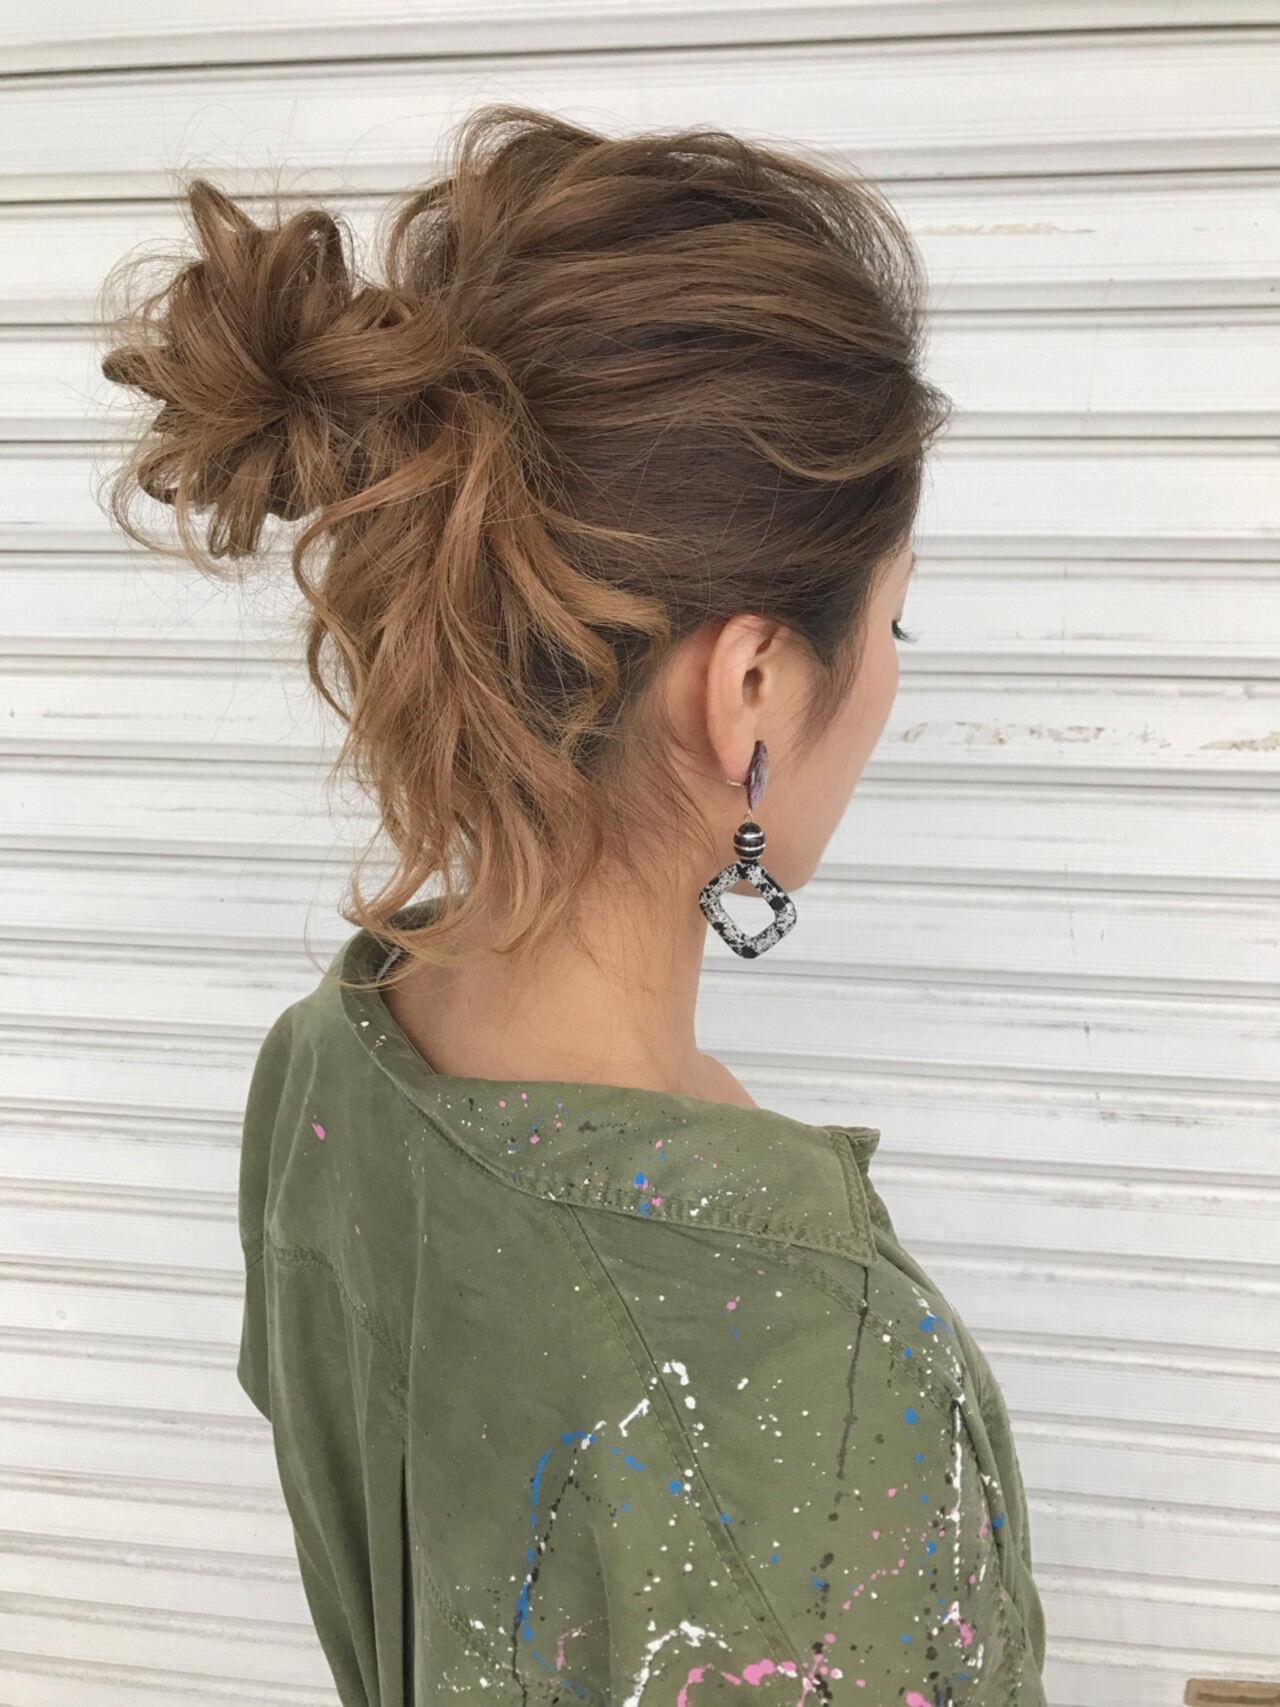 ミディアム ヘアアレンジ アウトドア 簡単ヘアアレンジヘアスタイルや髪型の写真・画像